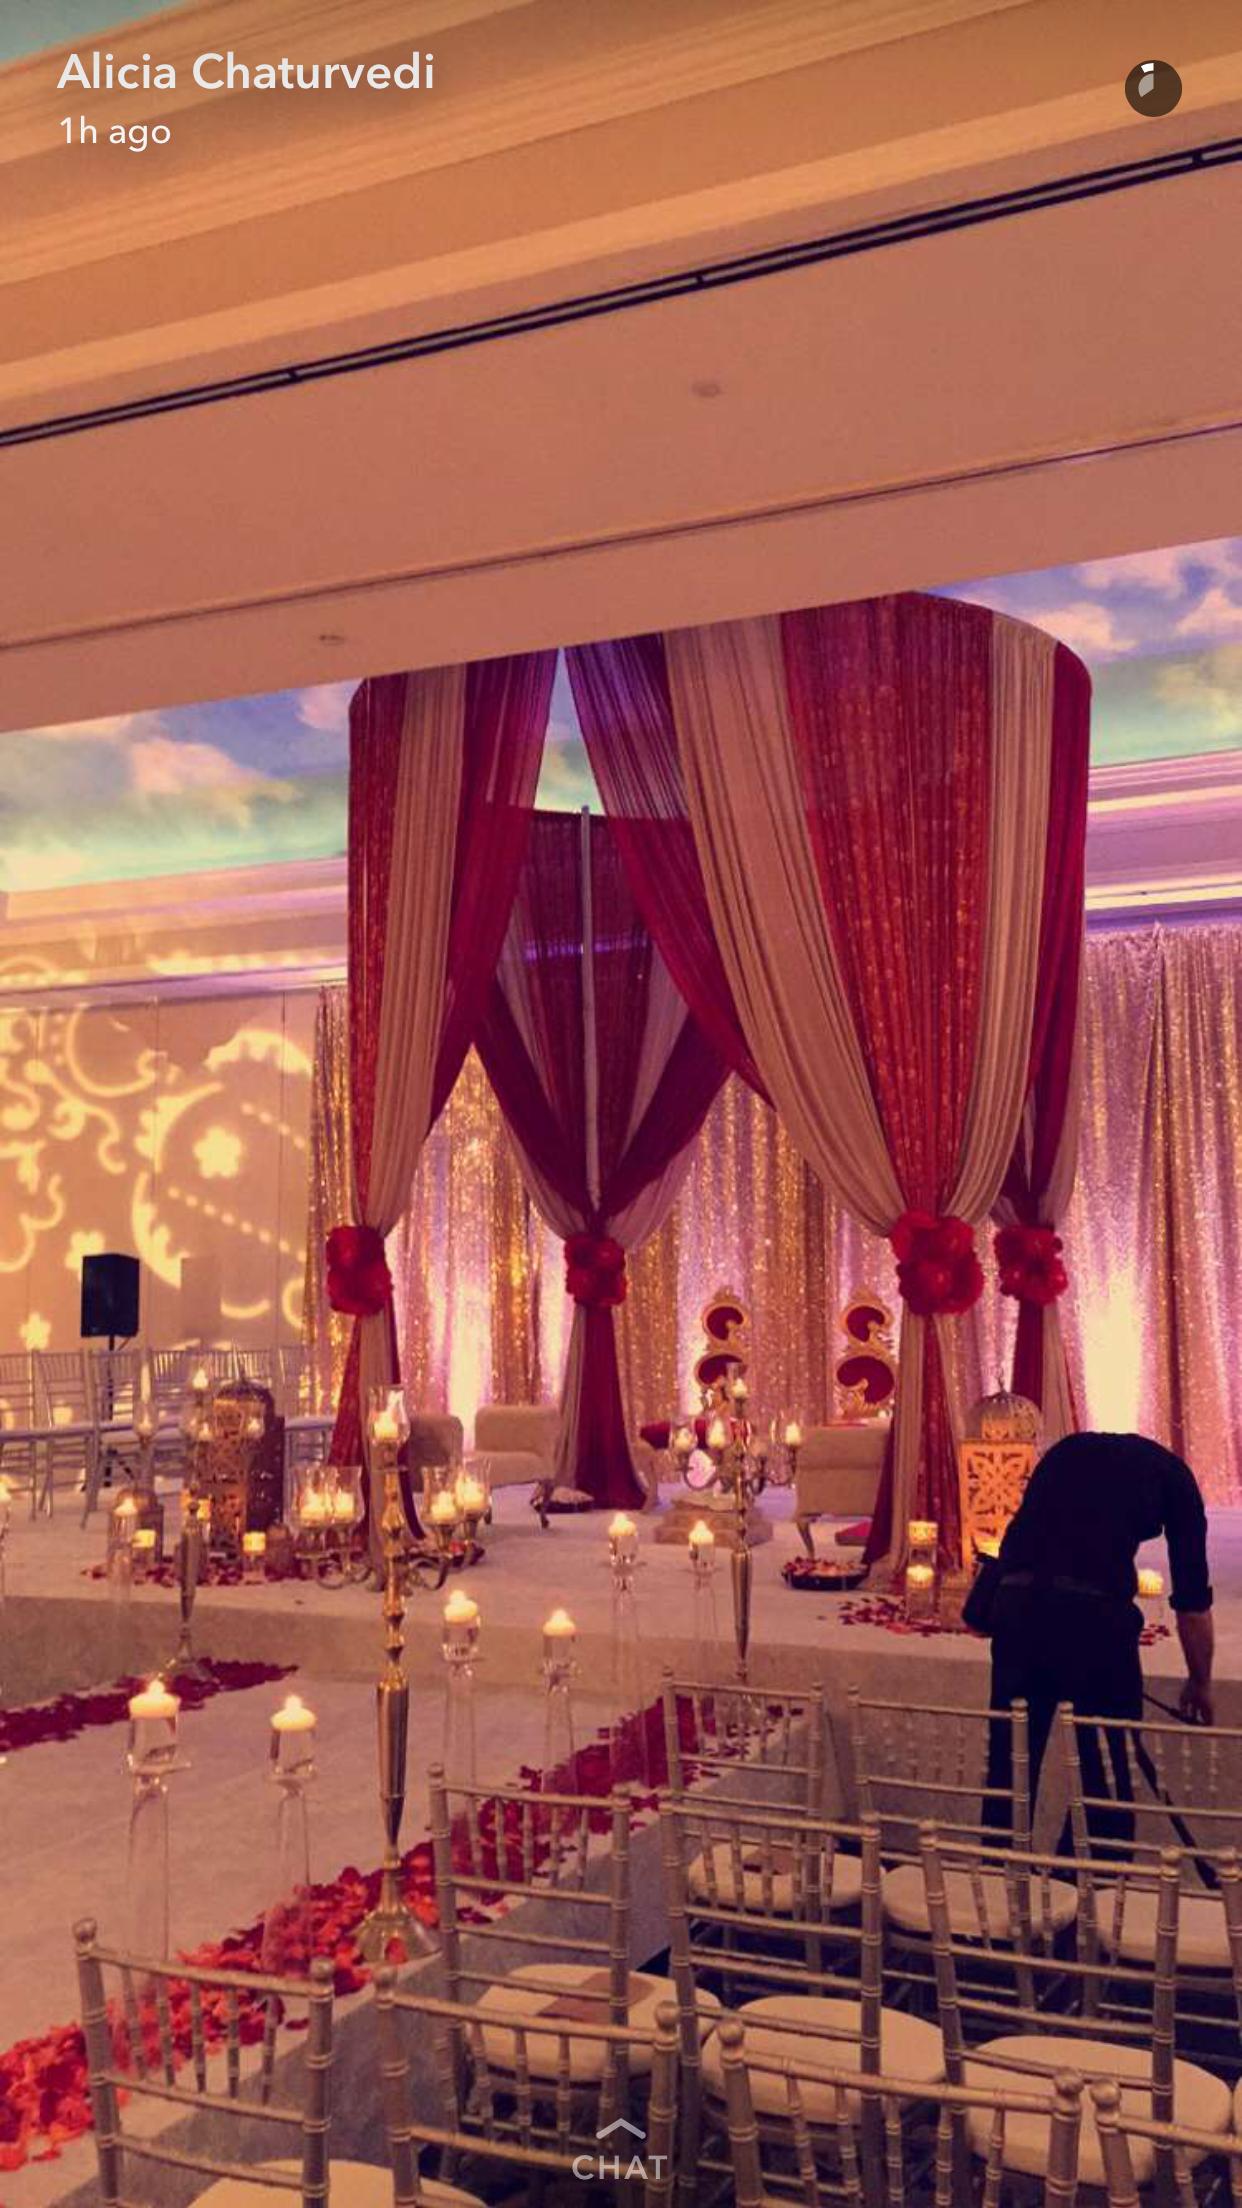 #mehndi #indianwedding #indianbride #sikhwedding #hinduwedding #indianbridal #henna #sangeet #indianbridaljewelry #indiangroom #sherwani #indianjewelry #indianbridalmakeup #indianbridalhair #indianweddingphotography #indianweddingdecor #elegancedecor